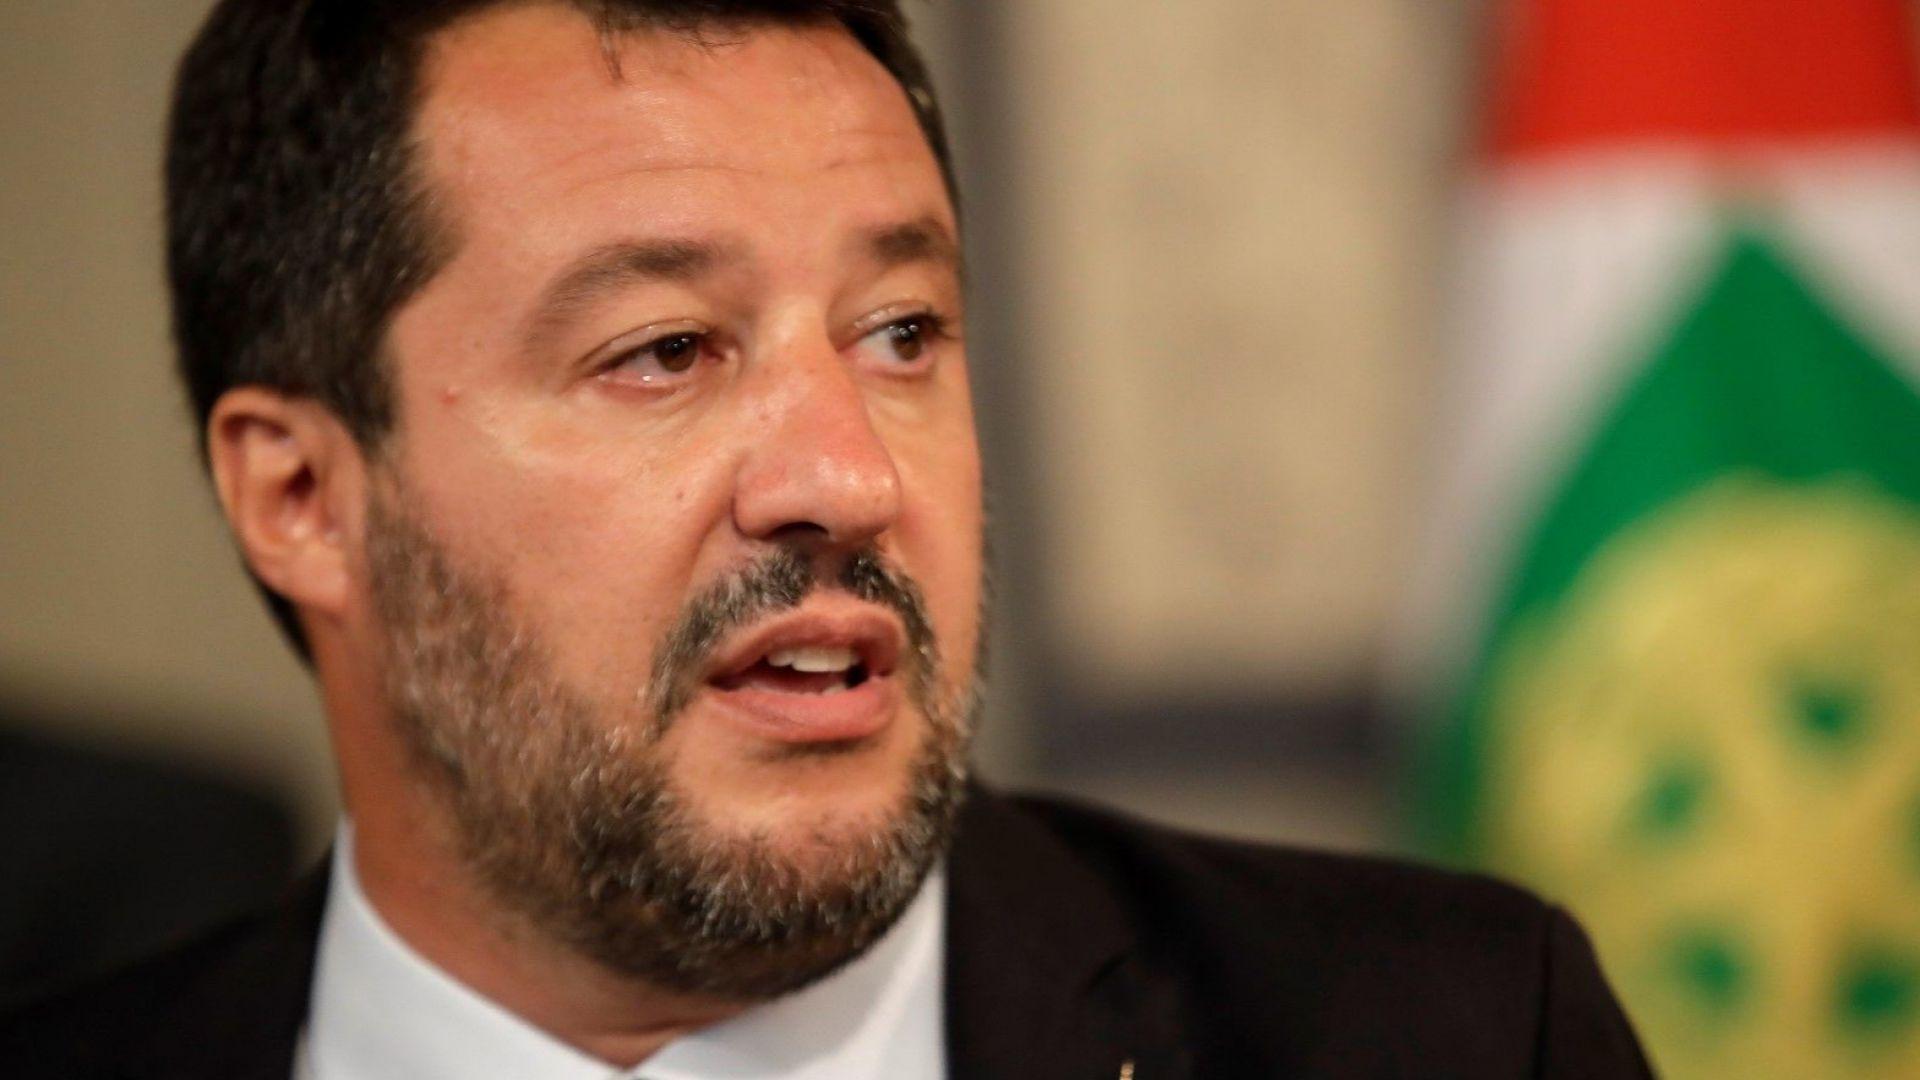 """Матео Салвини намекна за възобновяване на коалицията с Движението """"Пет звезди"""""""